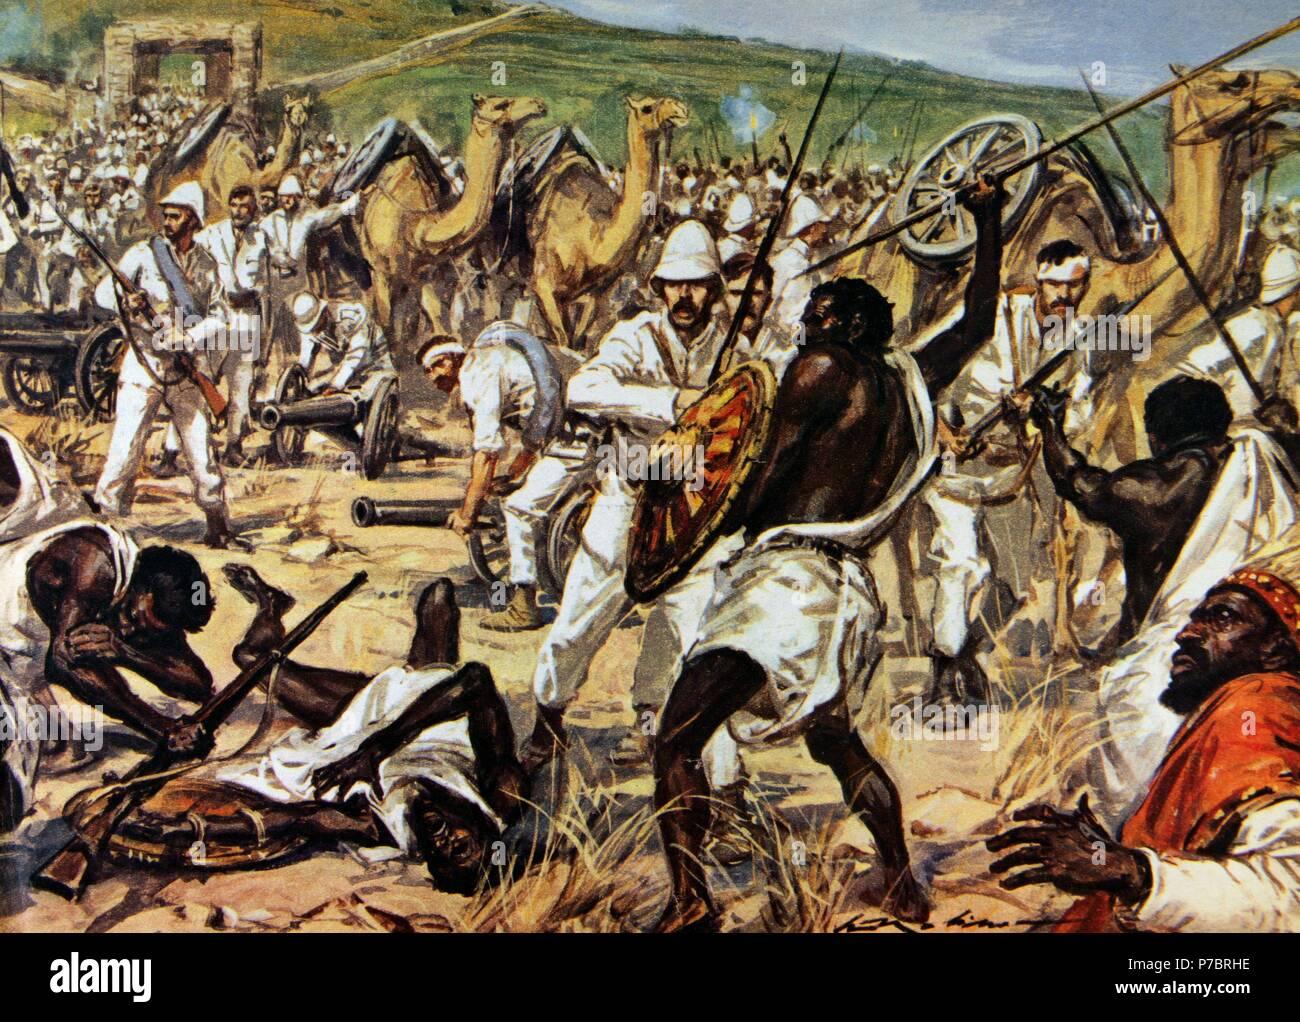 Italo Ethiopian Stock Photos & Italo Ethiopian Stock Images